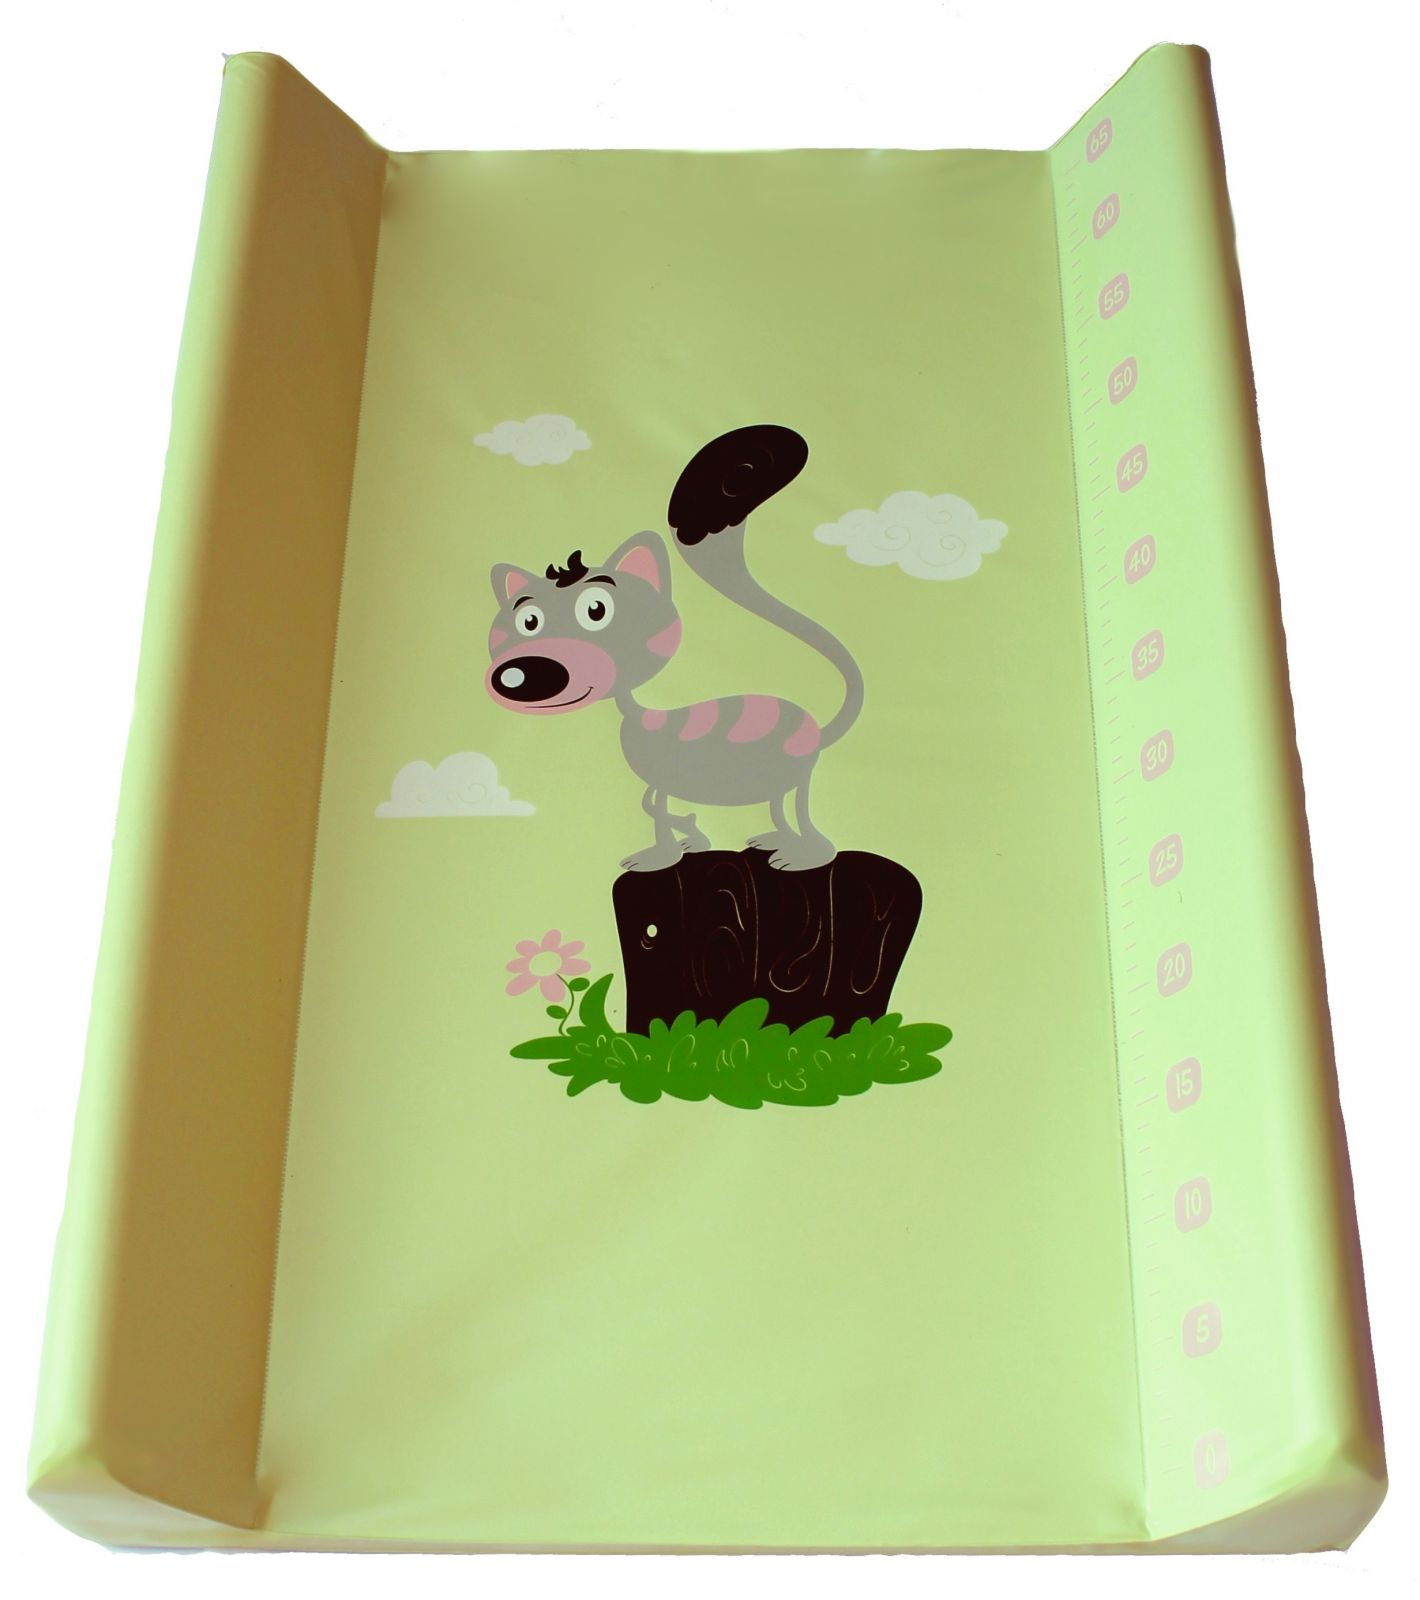 Přebalovací podložka Baby sky tvrdá 50x70 cm zelená kotě